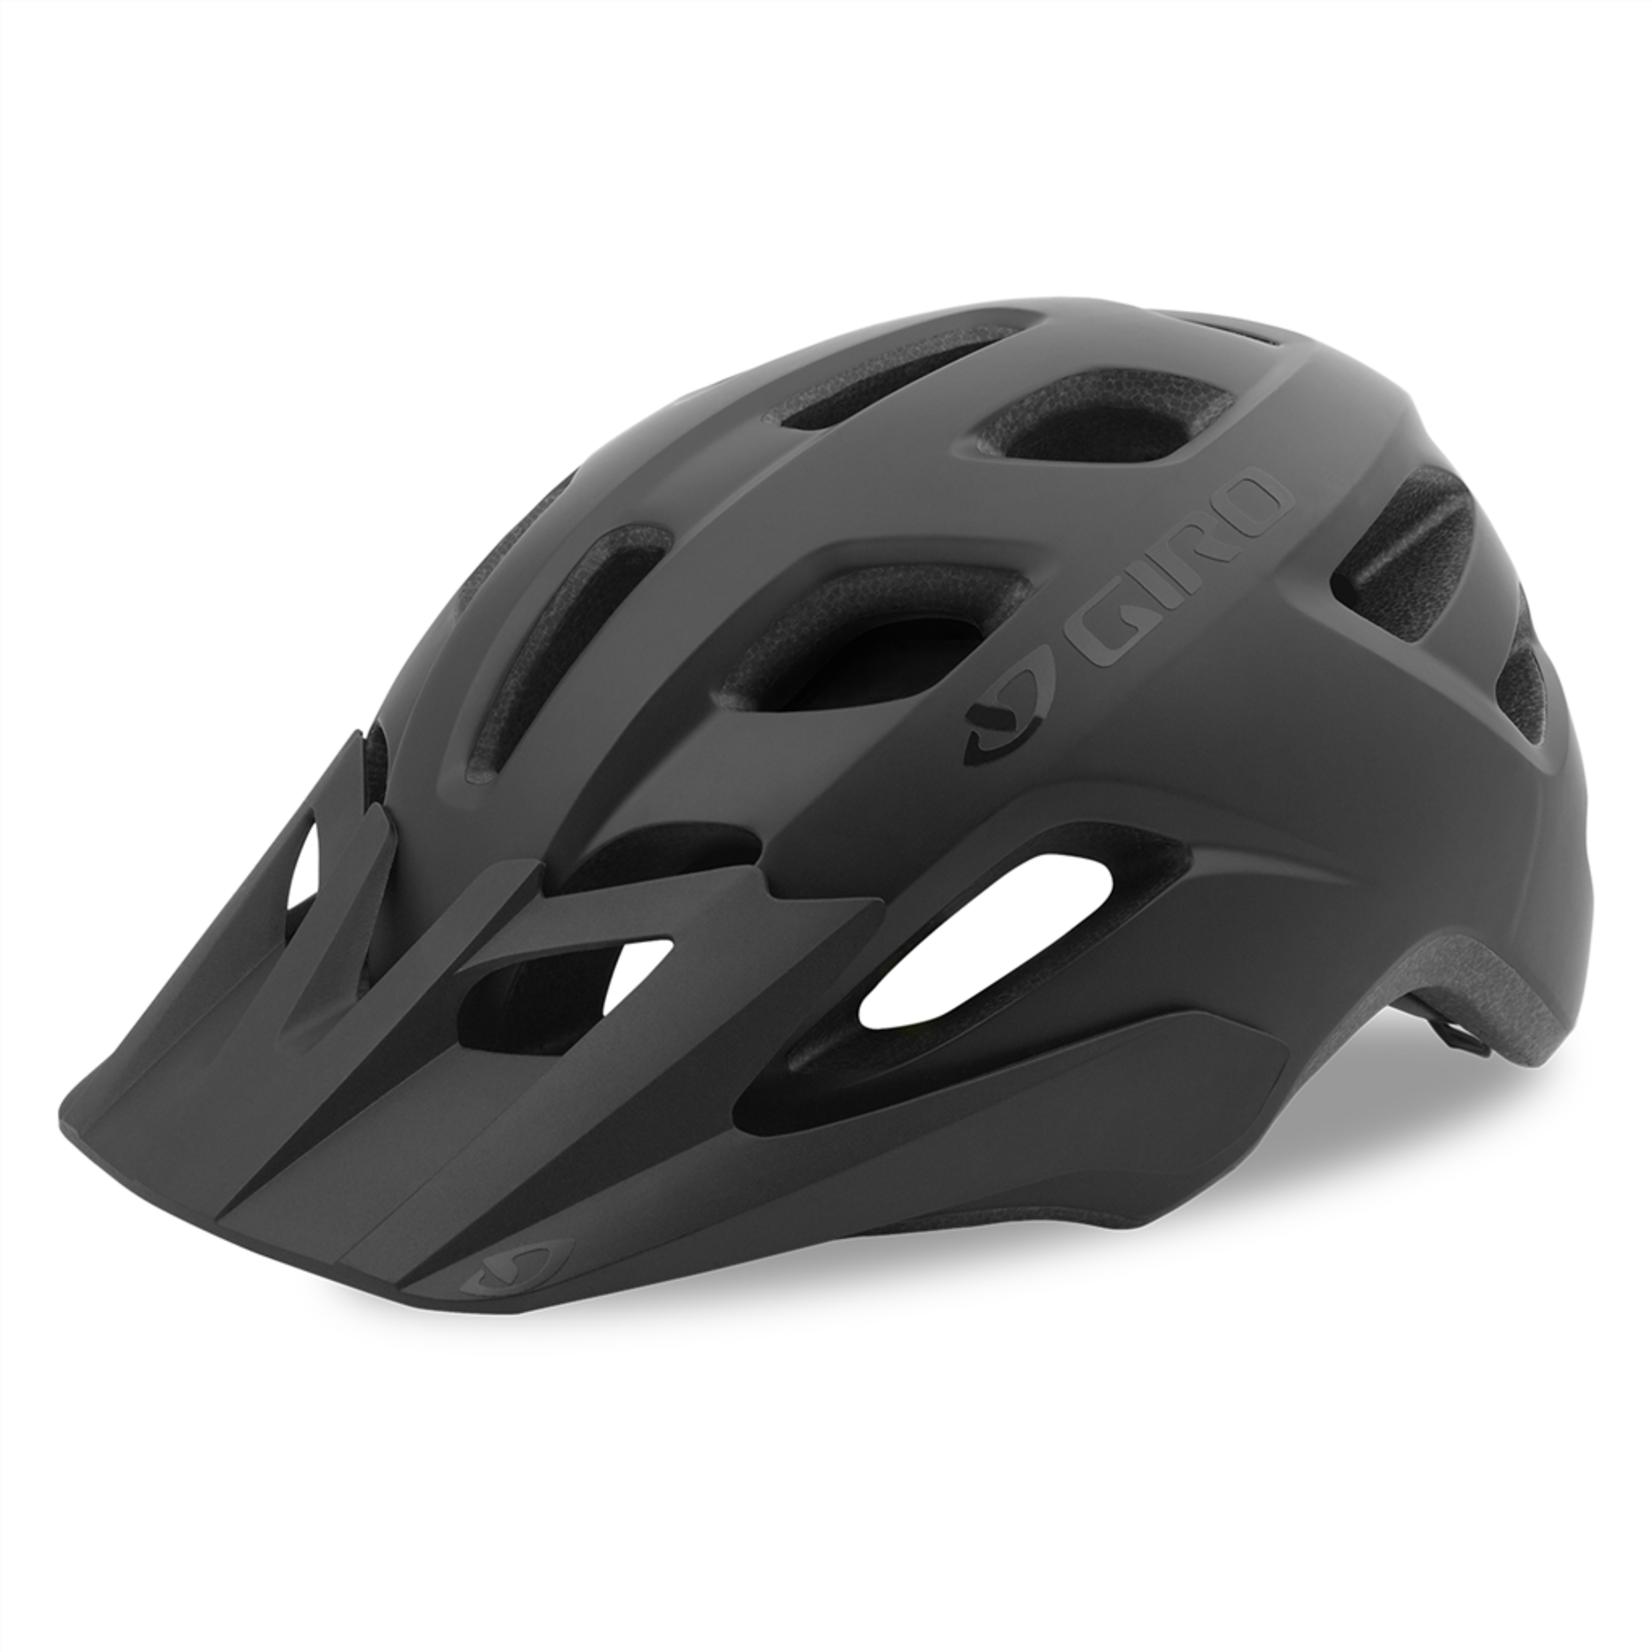 Giro Giro - Fixture MIPS - Matt black UXL one size